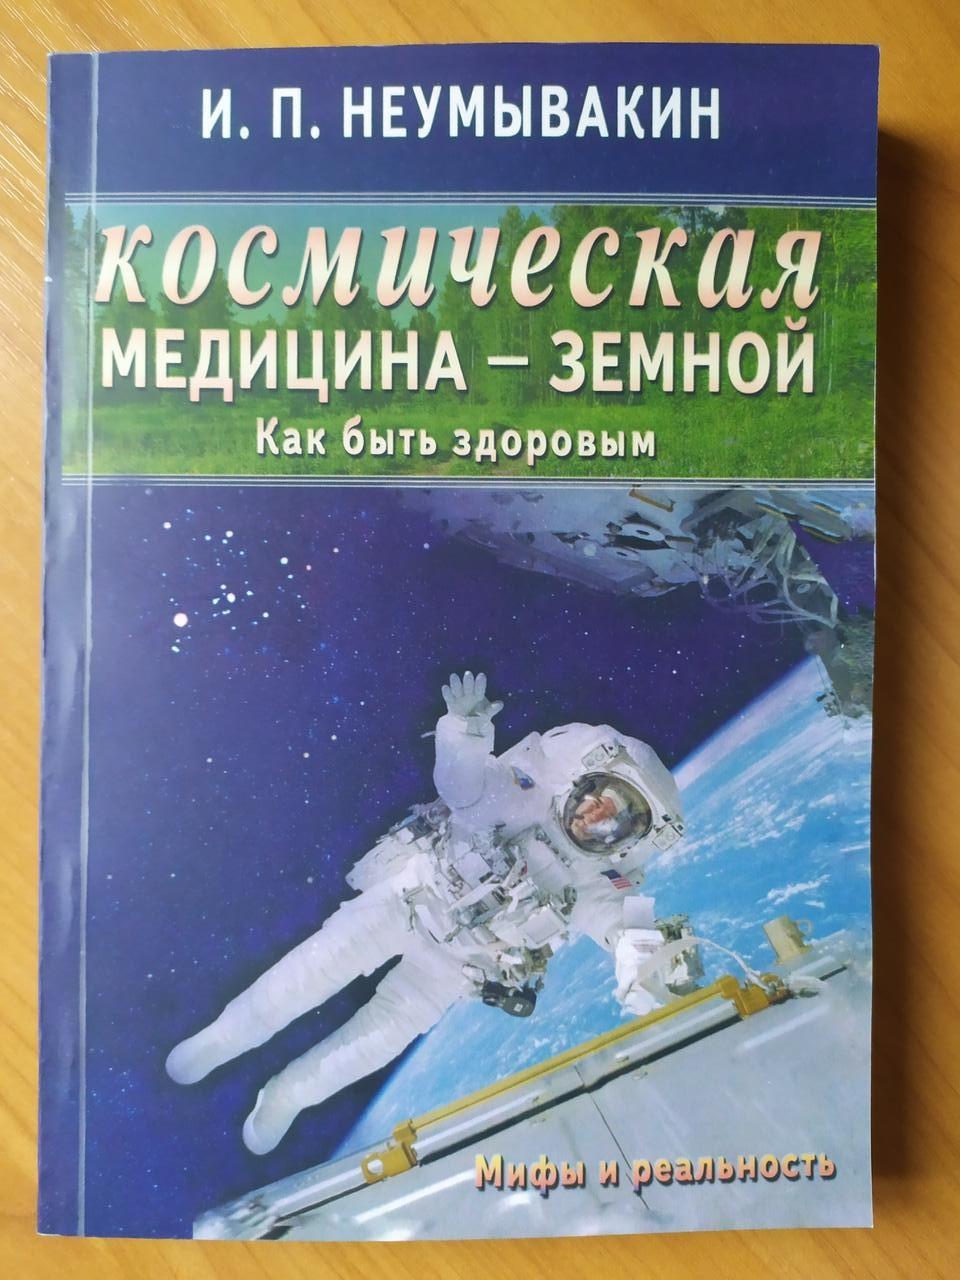 И.Н.Неумывакин. Космическая медицина - земной: как быть здоровым. Мифы и реальность